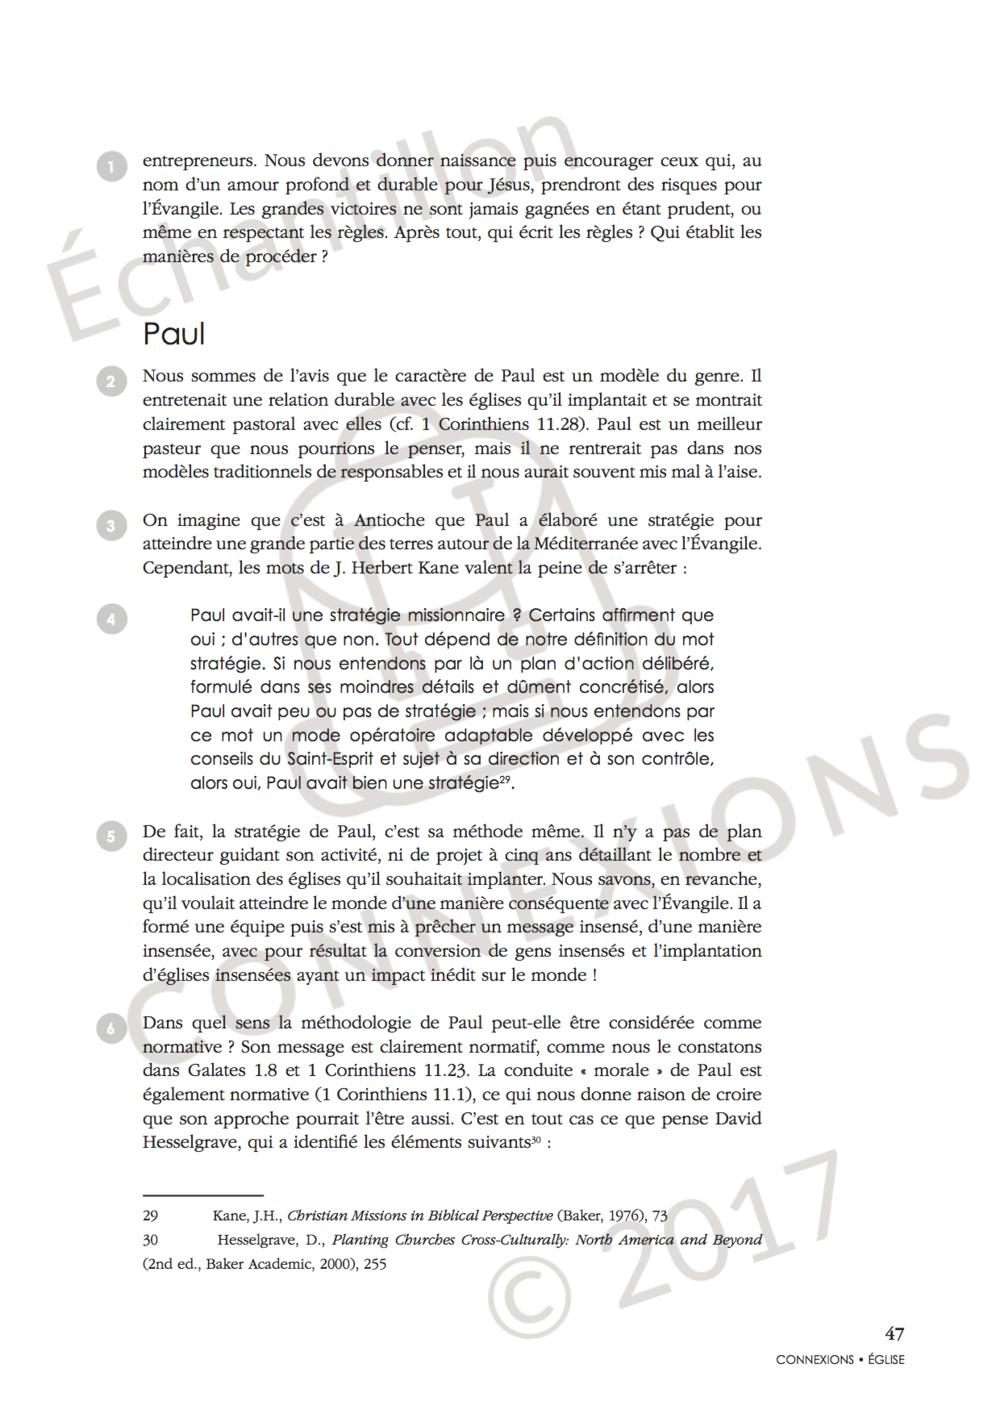 Église missionnelle et implantation d'église_sample_published.8.png